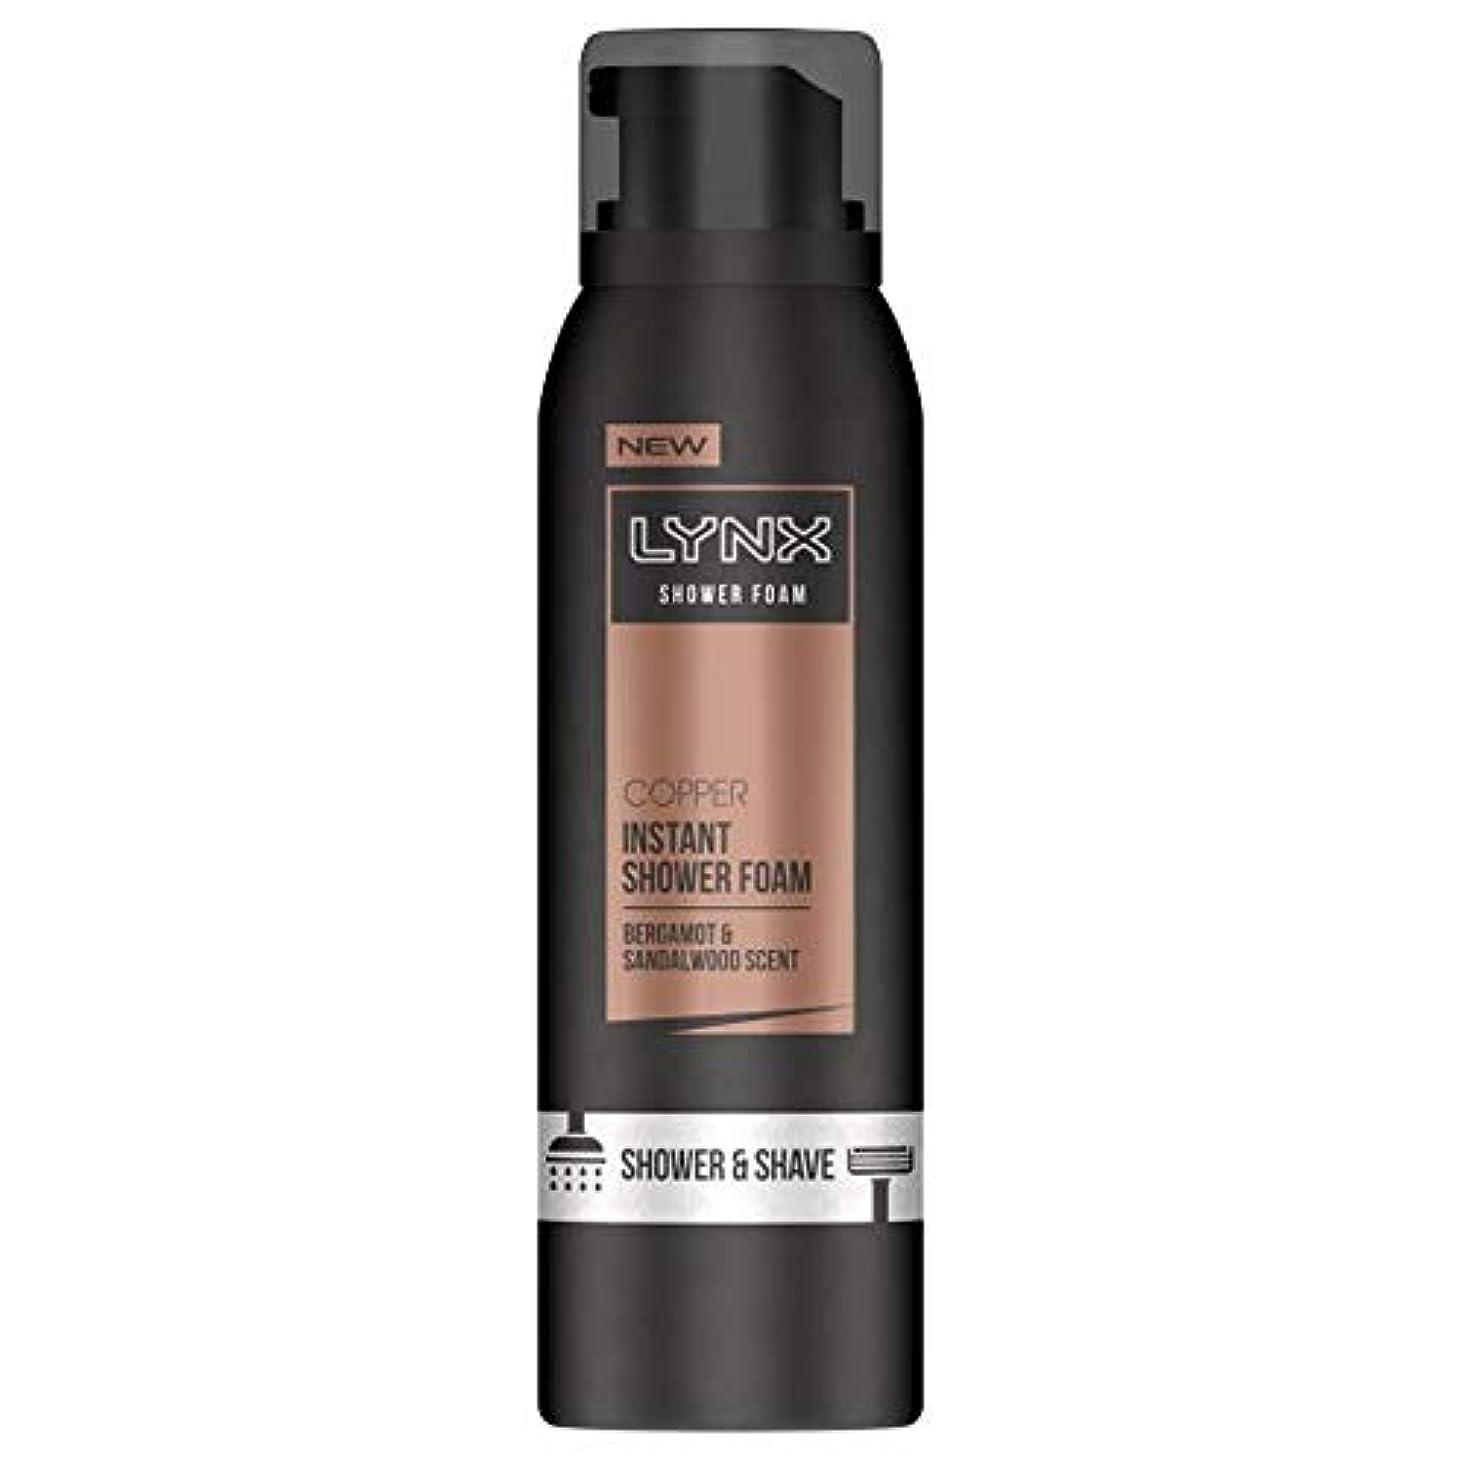 矢印道路を作るプロセス自己[Lynx] オオヤマネコの銅シャワー泡200ミリリットル - Lynx Copper Shower Foam 200Ml [並行輸入品]